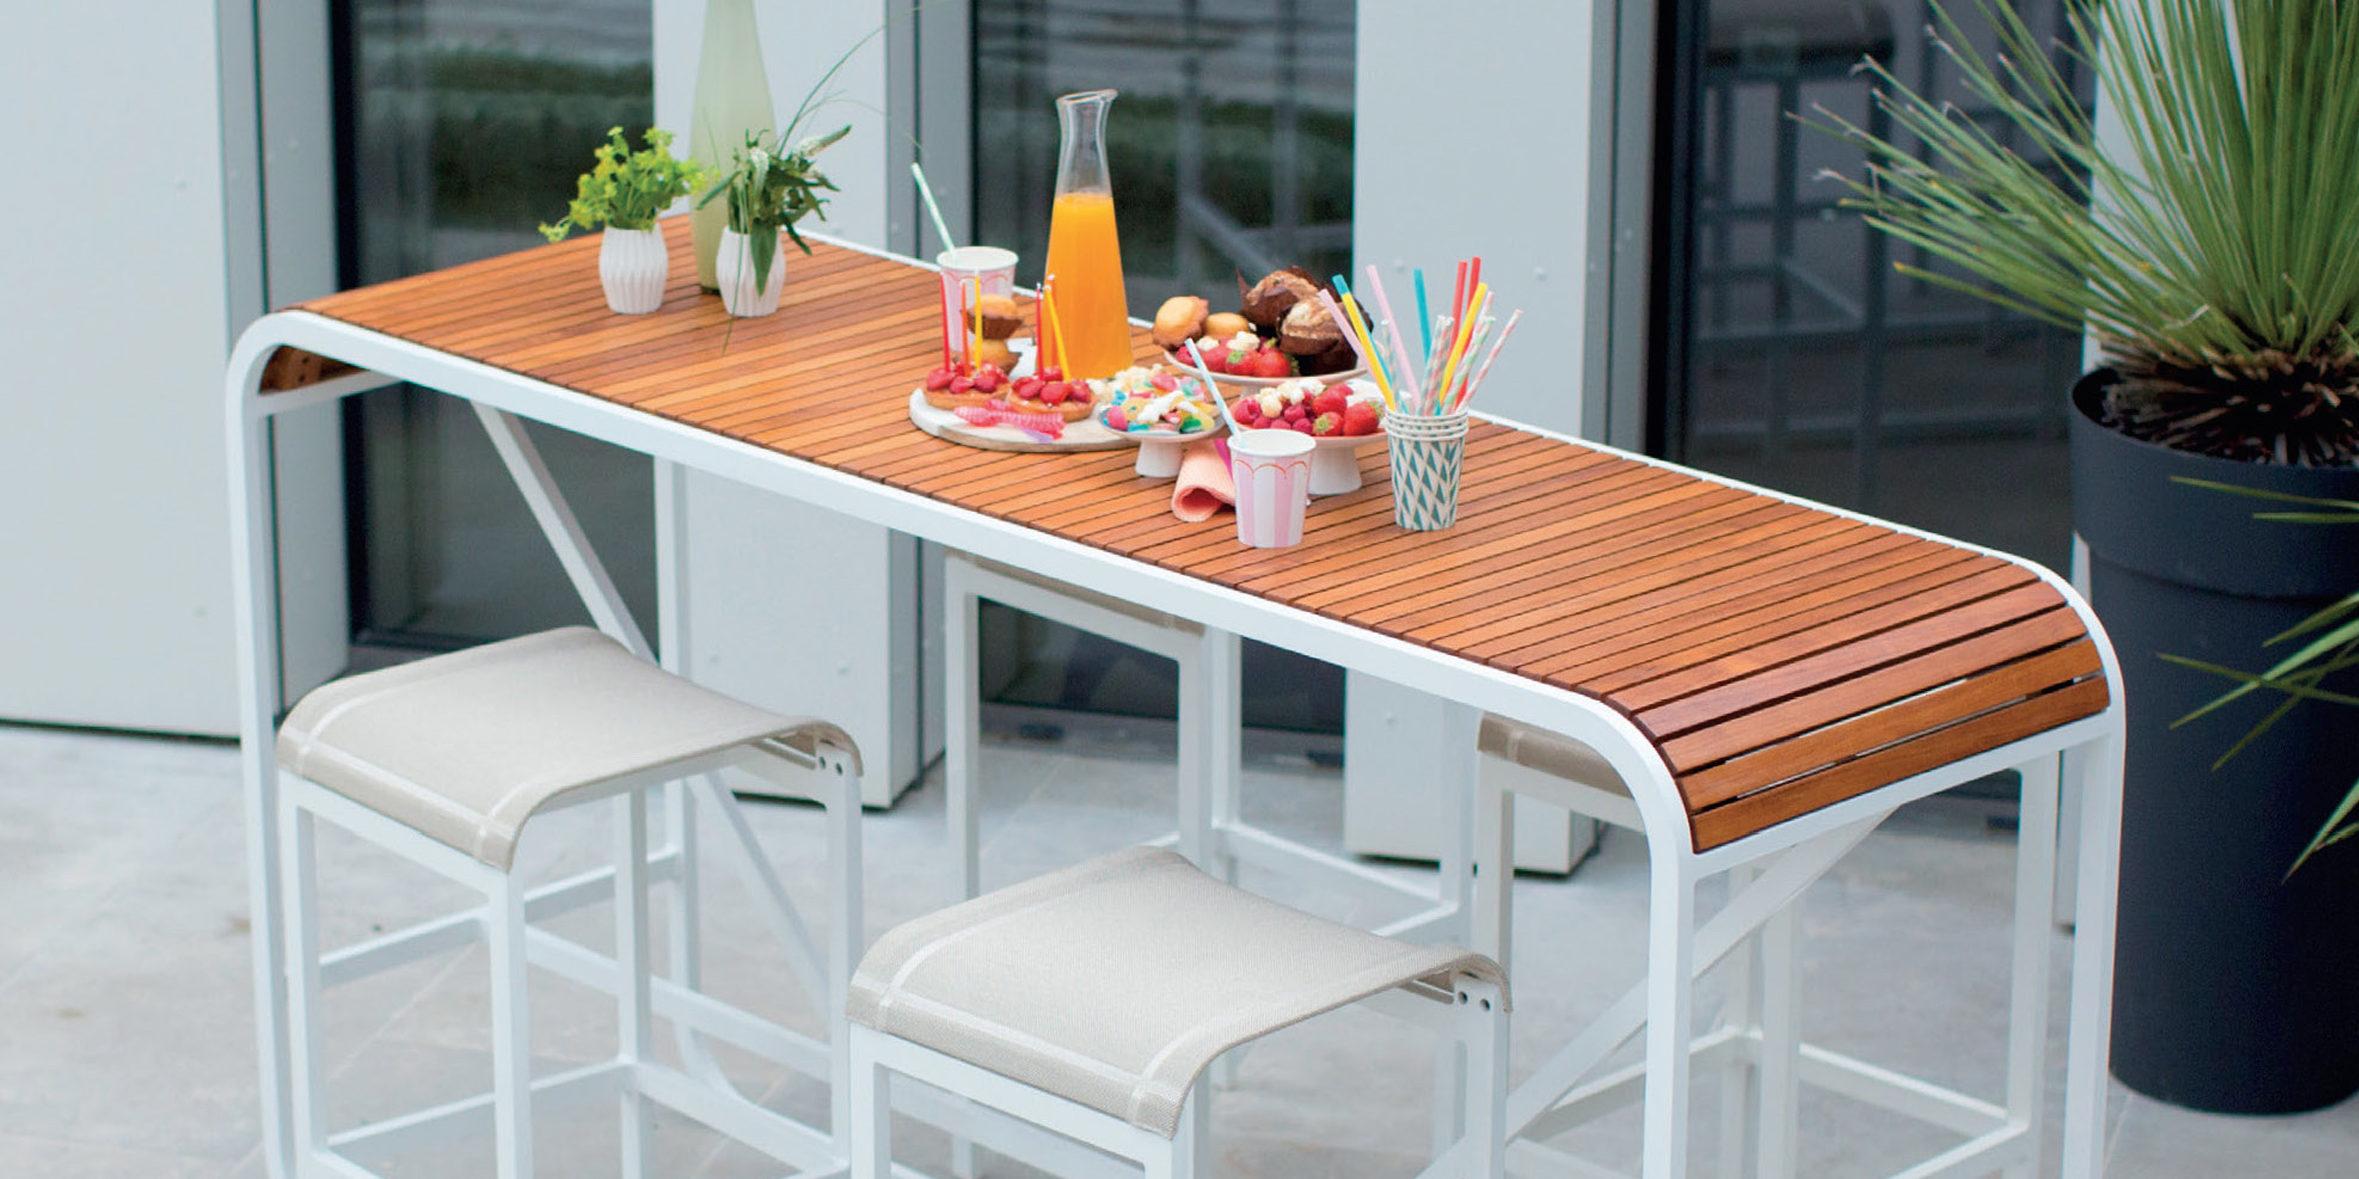 ego paris mobilier de jardin luxe bordeaux buxus. Black Bedroom Furniture Sets. Home Design Ideas